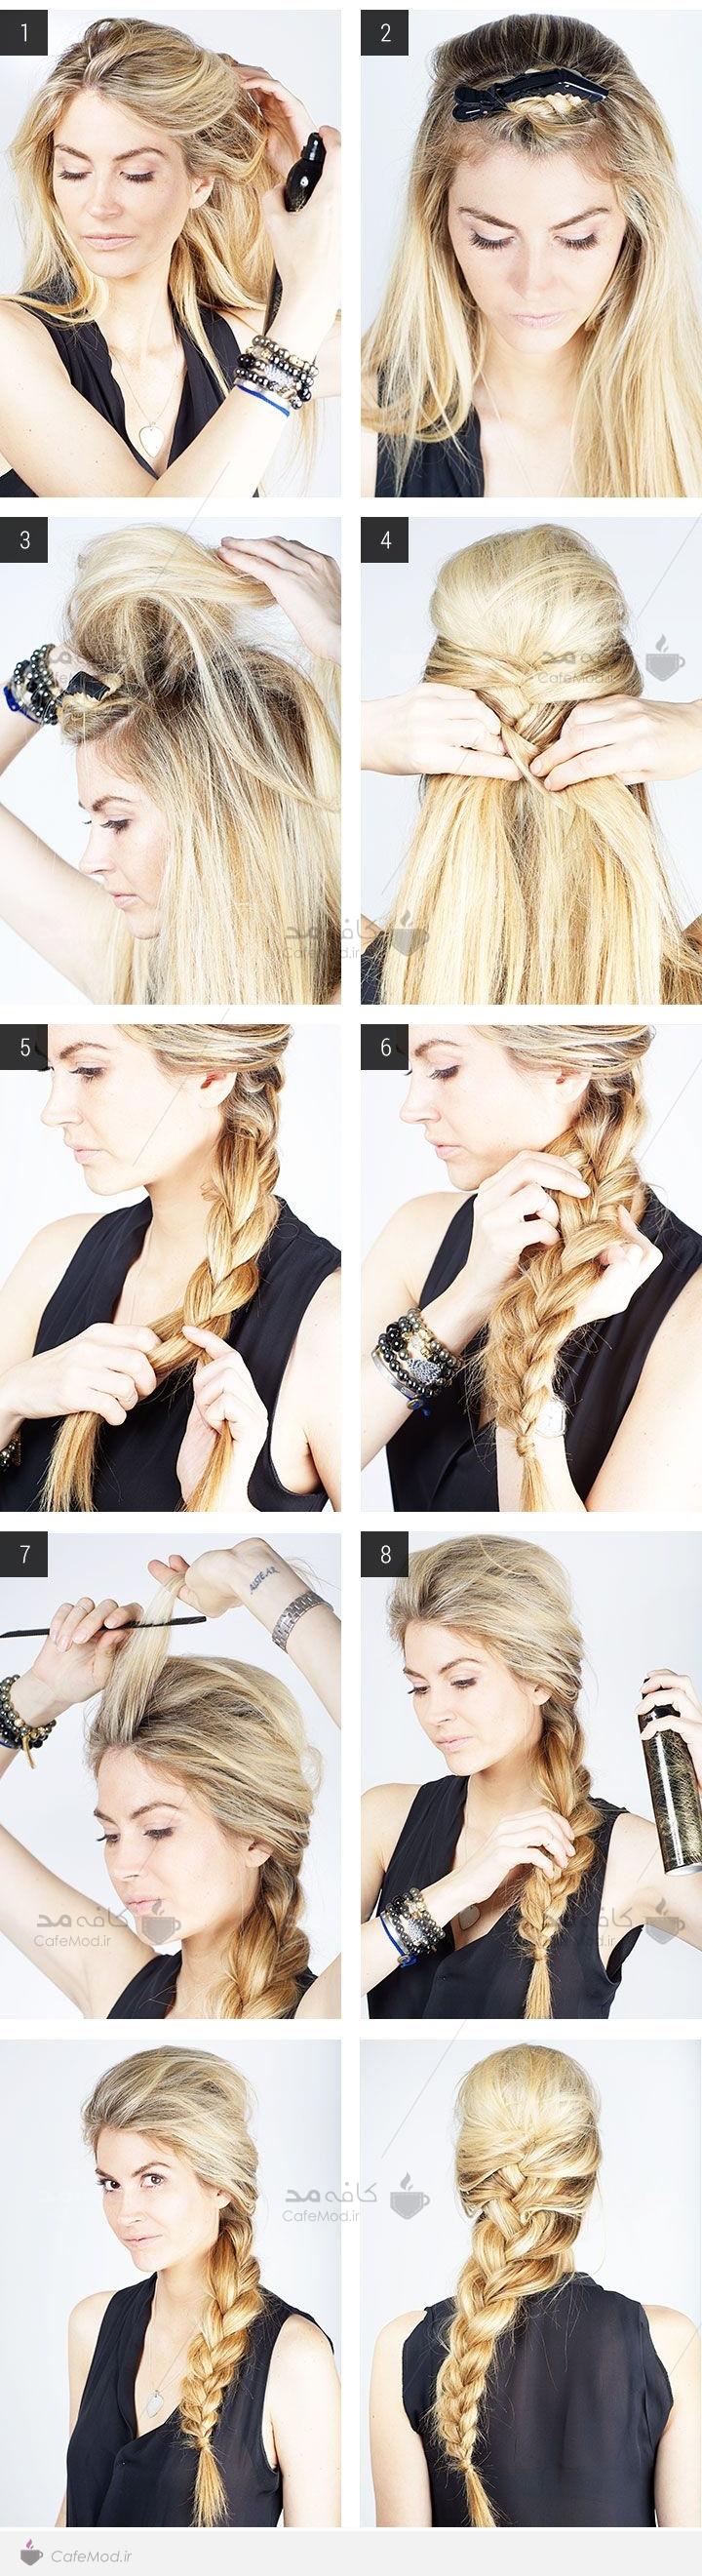 آموزش بافت موی بلند